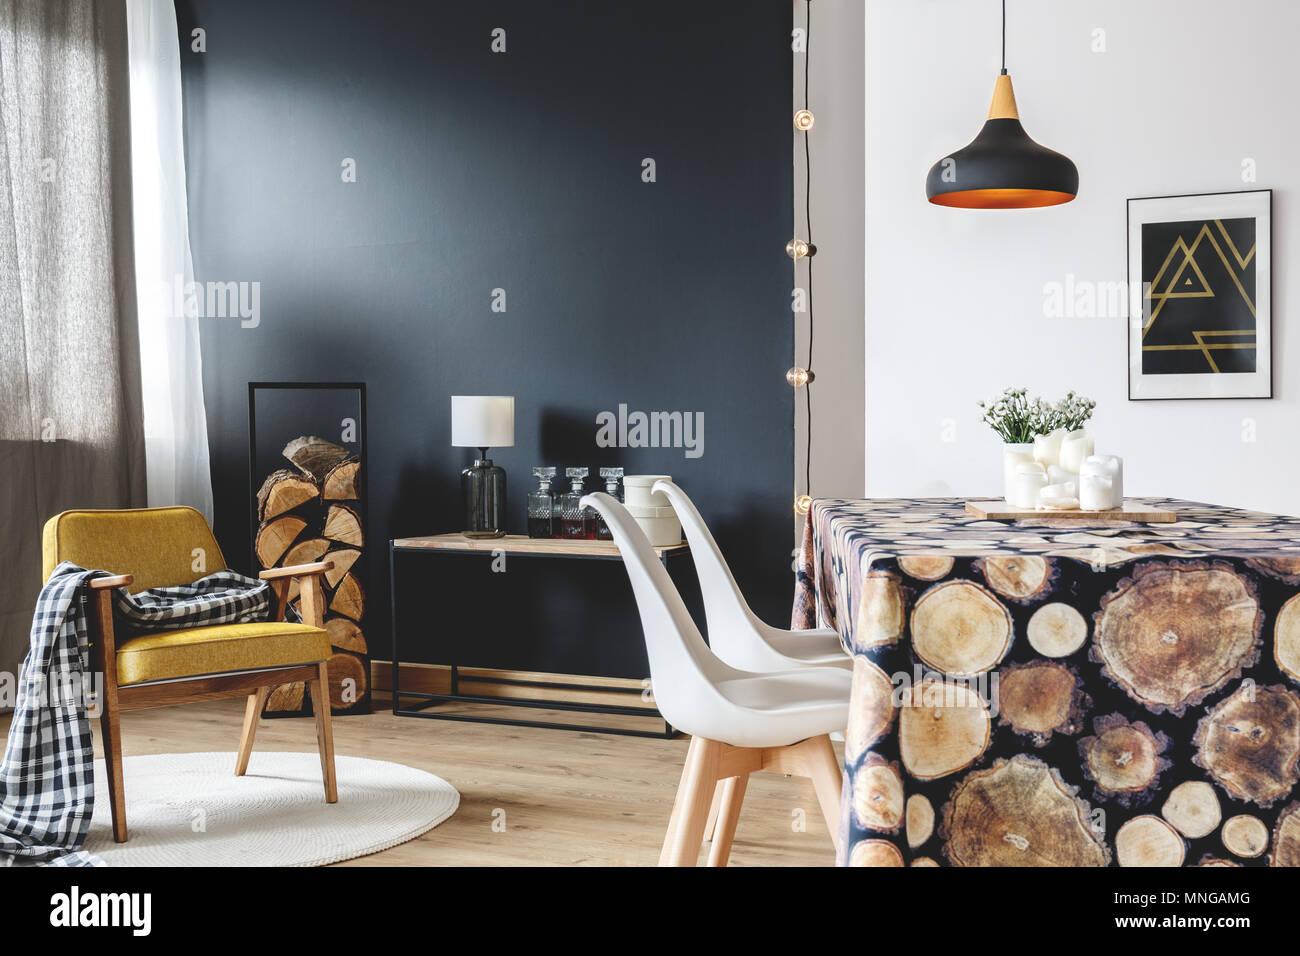 Holz Design der modernen Interieur mit skandinavischen ...